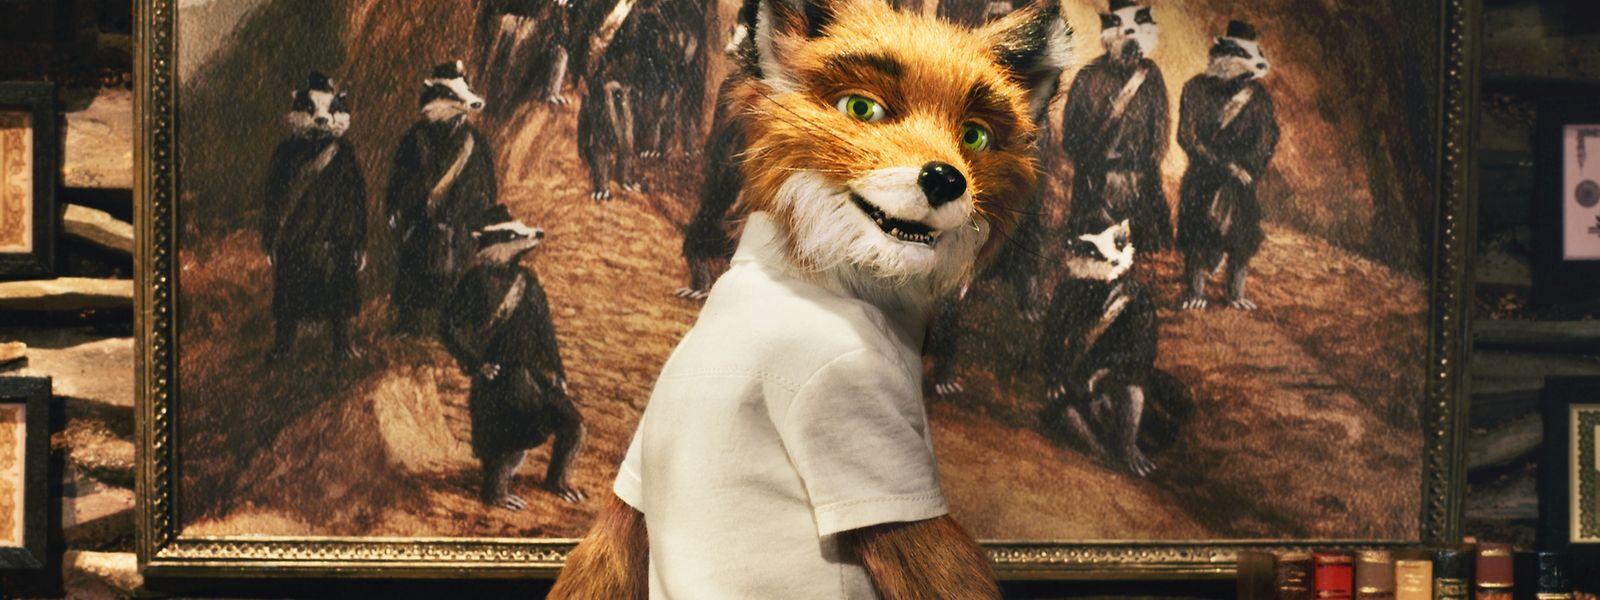 """Eine Szene aus """"Fantastic Mr Fox"""", einem Animationsfilm von Wes Anderson nach einem Buch von Roald Dahl."""